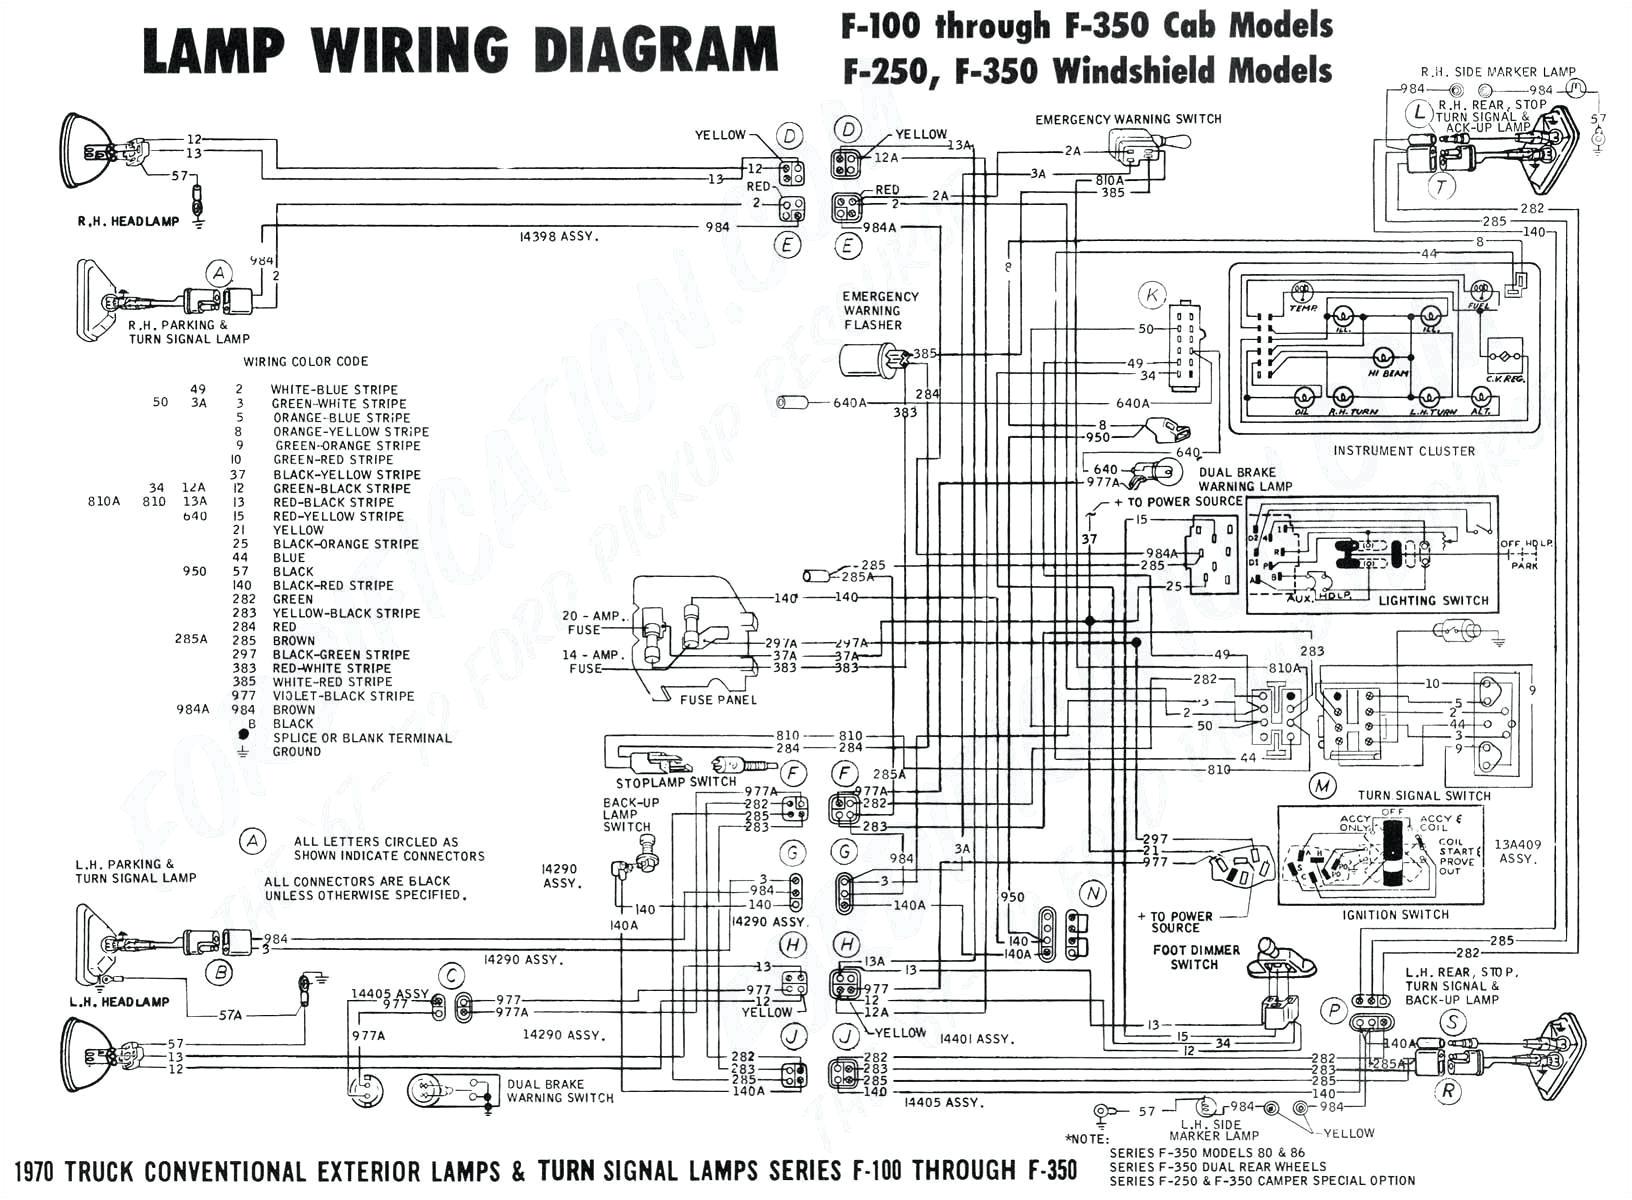 88 mazda alternator wiring wiring diagram infowiring gsx diagram suzuki 1997 r600v 11